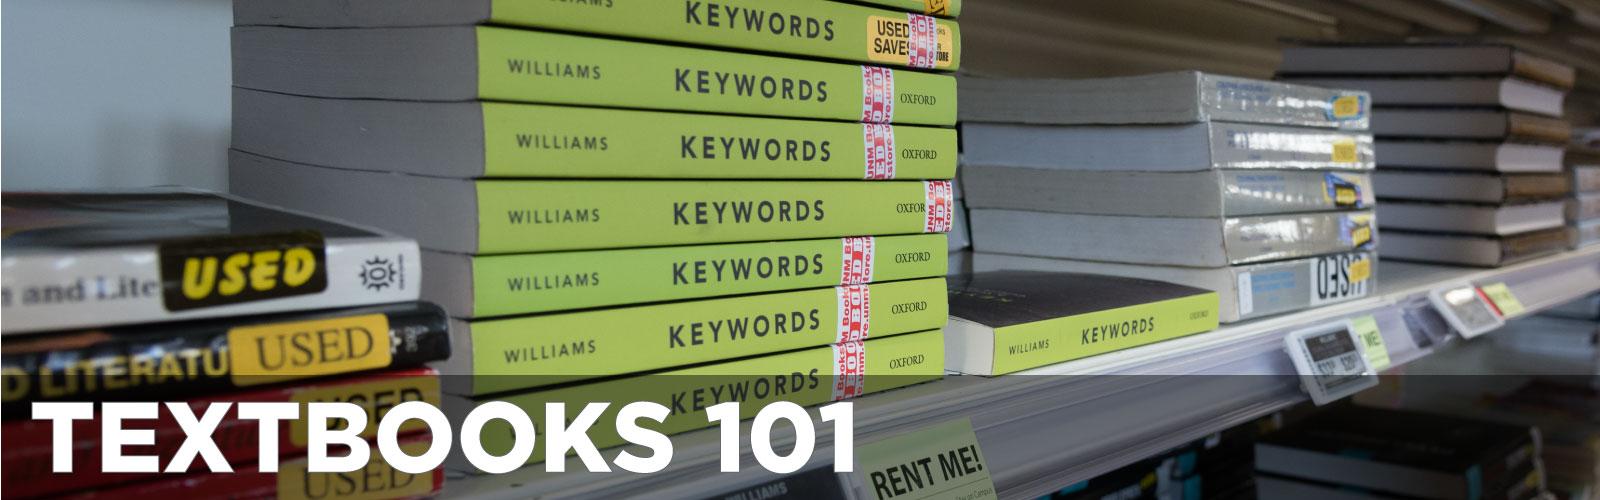 1unm Textbooks101